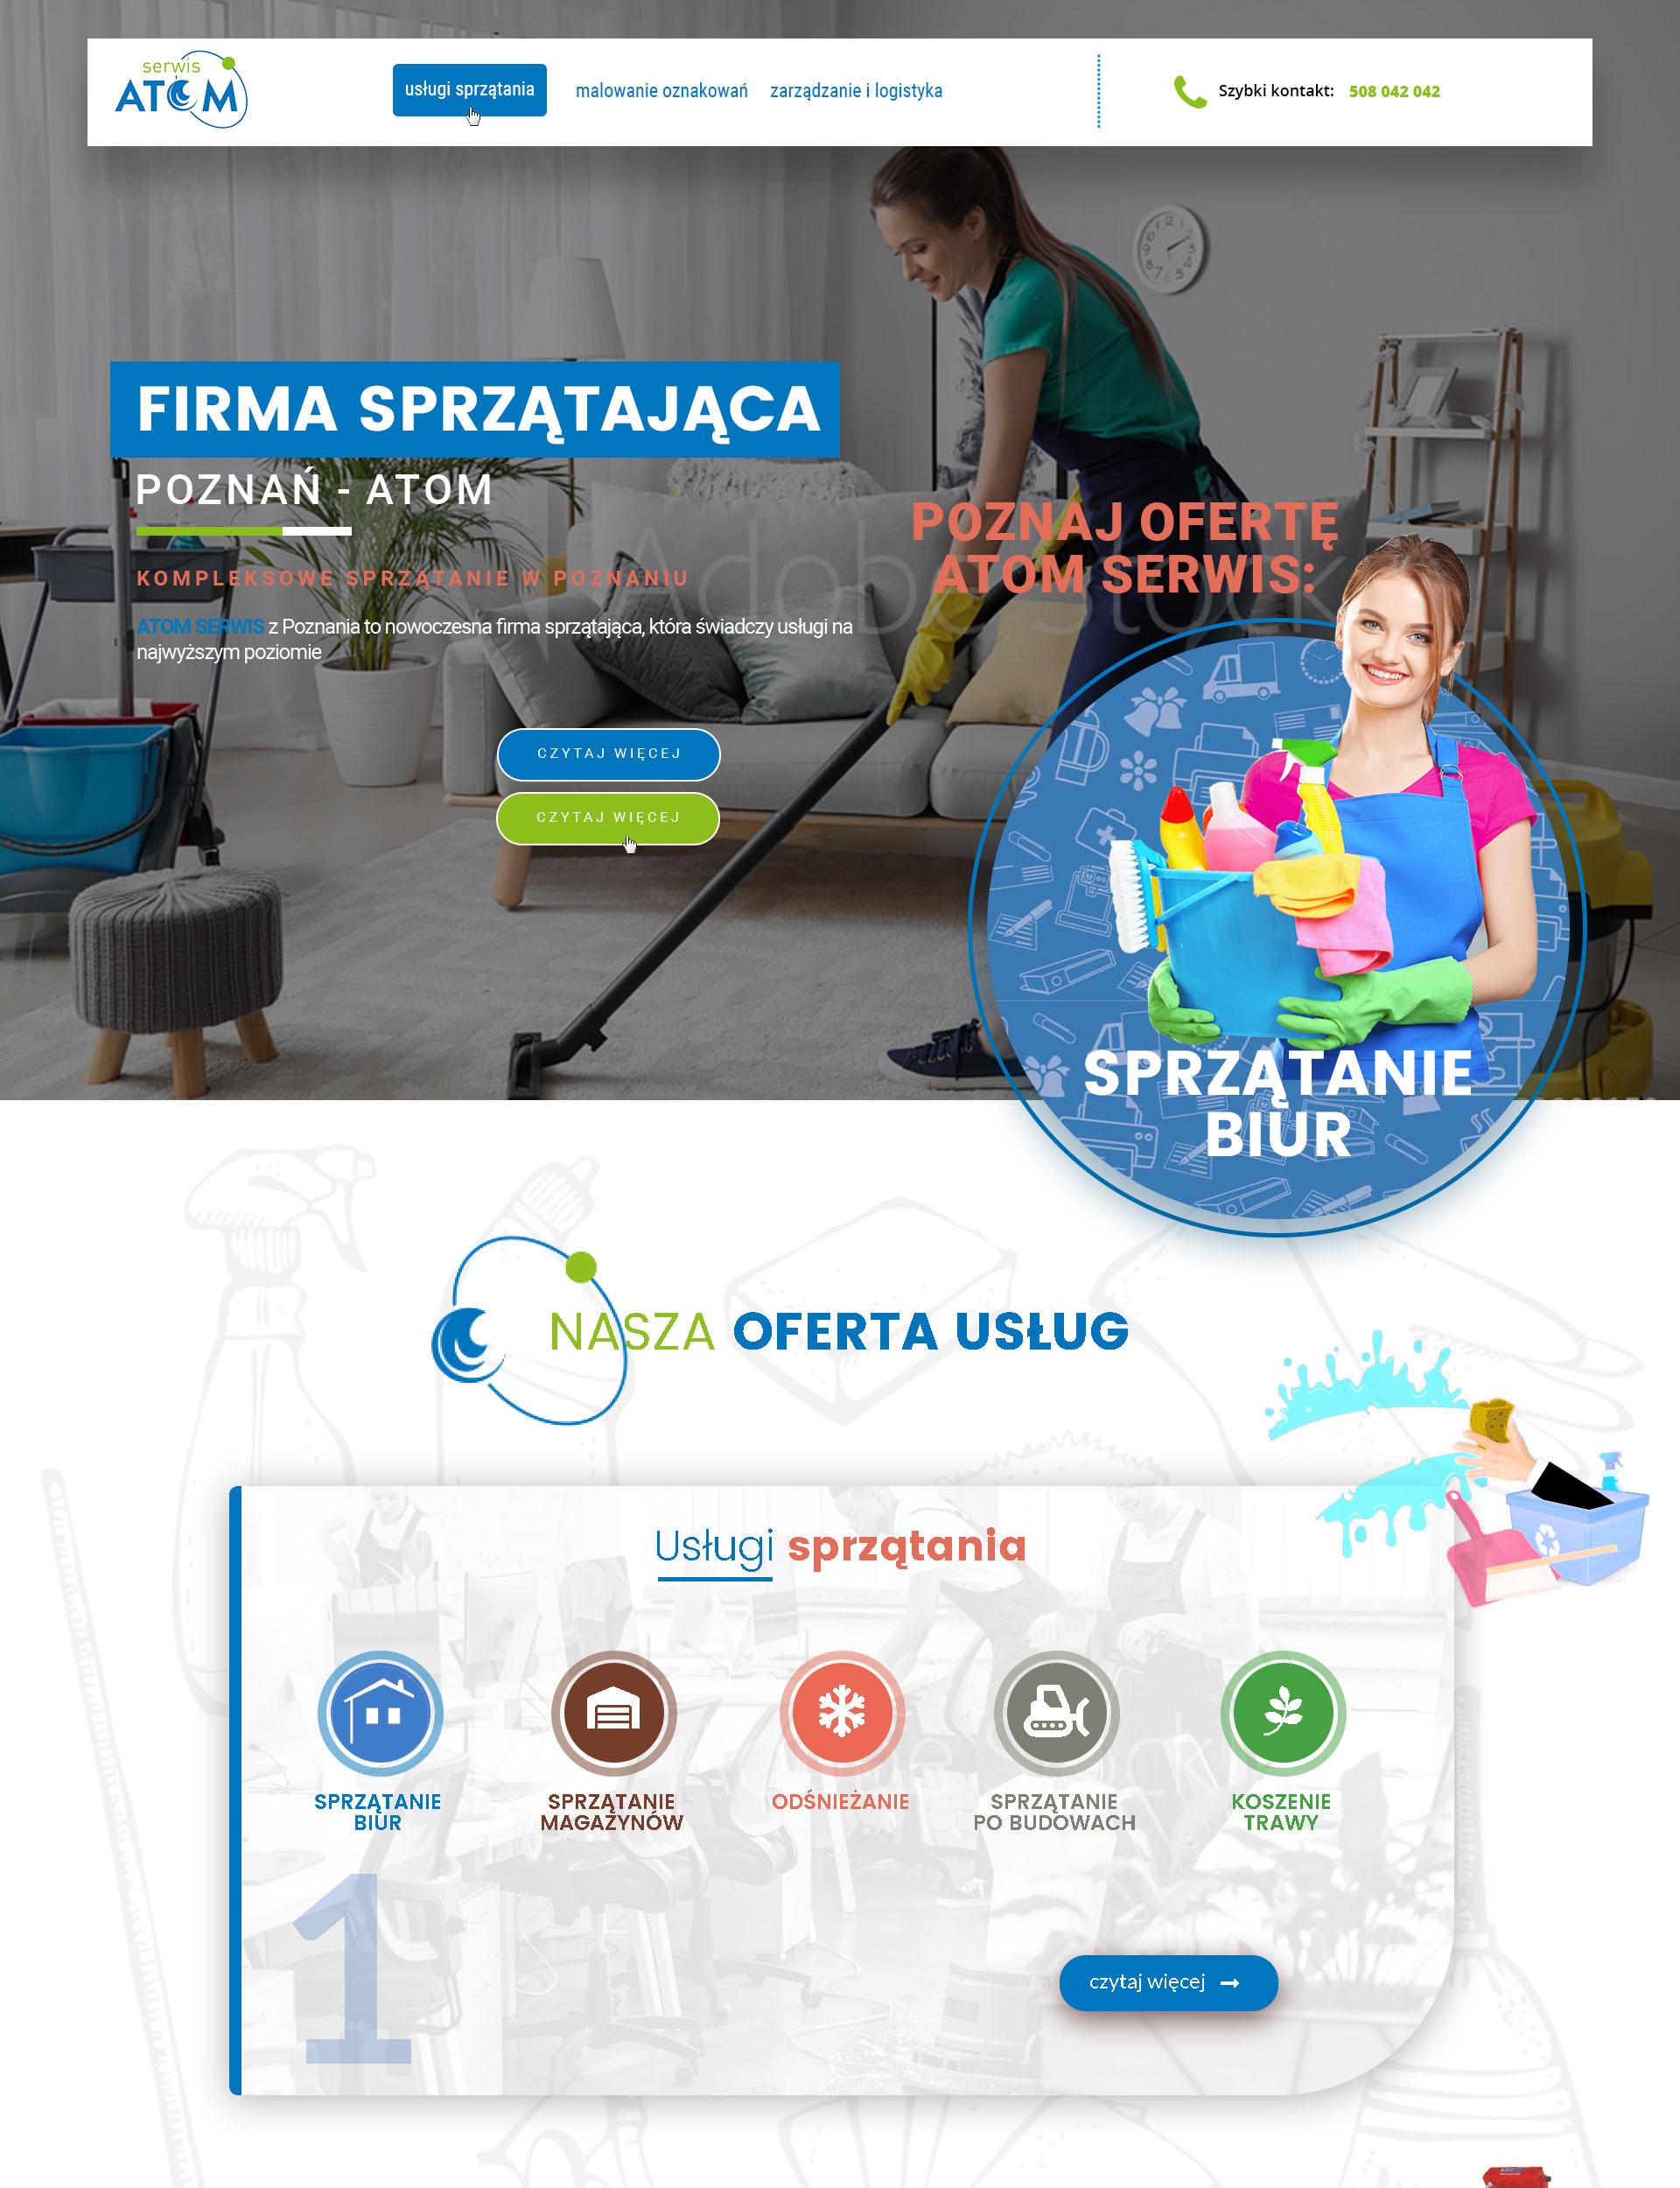 portfolio/016/012216/atom-serwis-home-preview.jpg